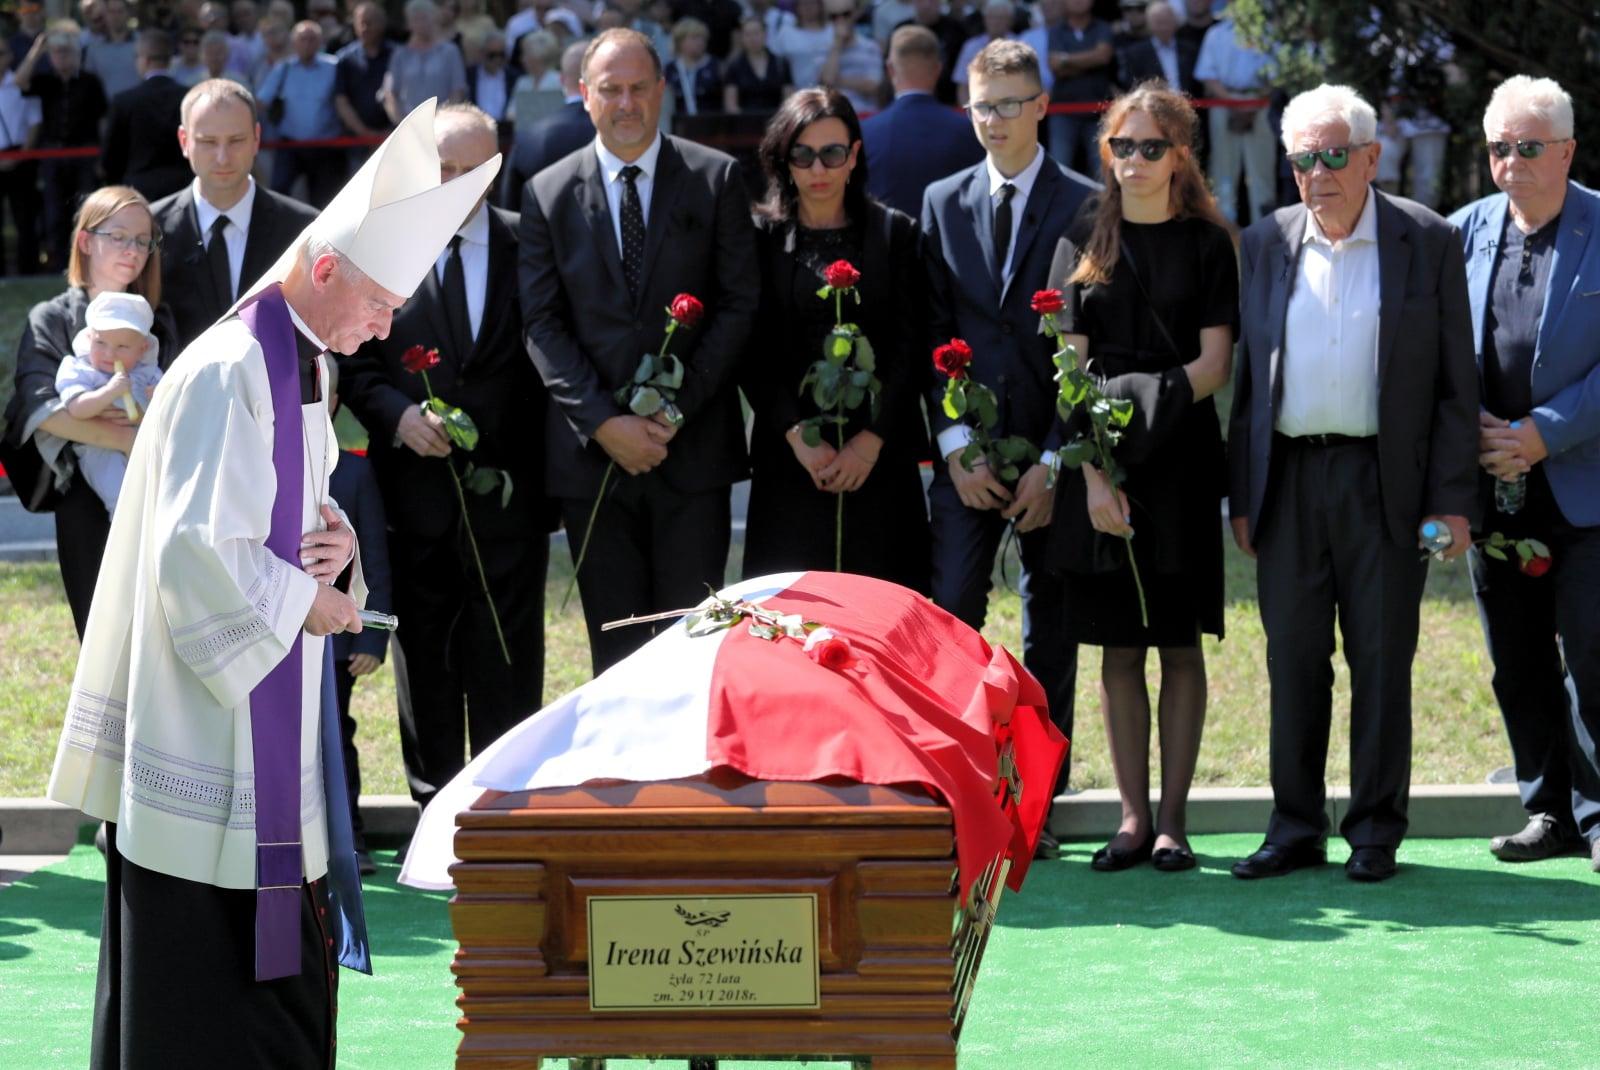 Pogrzeb Ireny Szewińskiej na Powązkach fot. EPA/TOMASZ GZELL